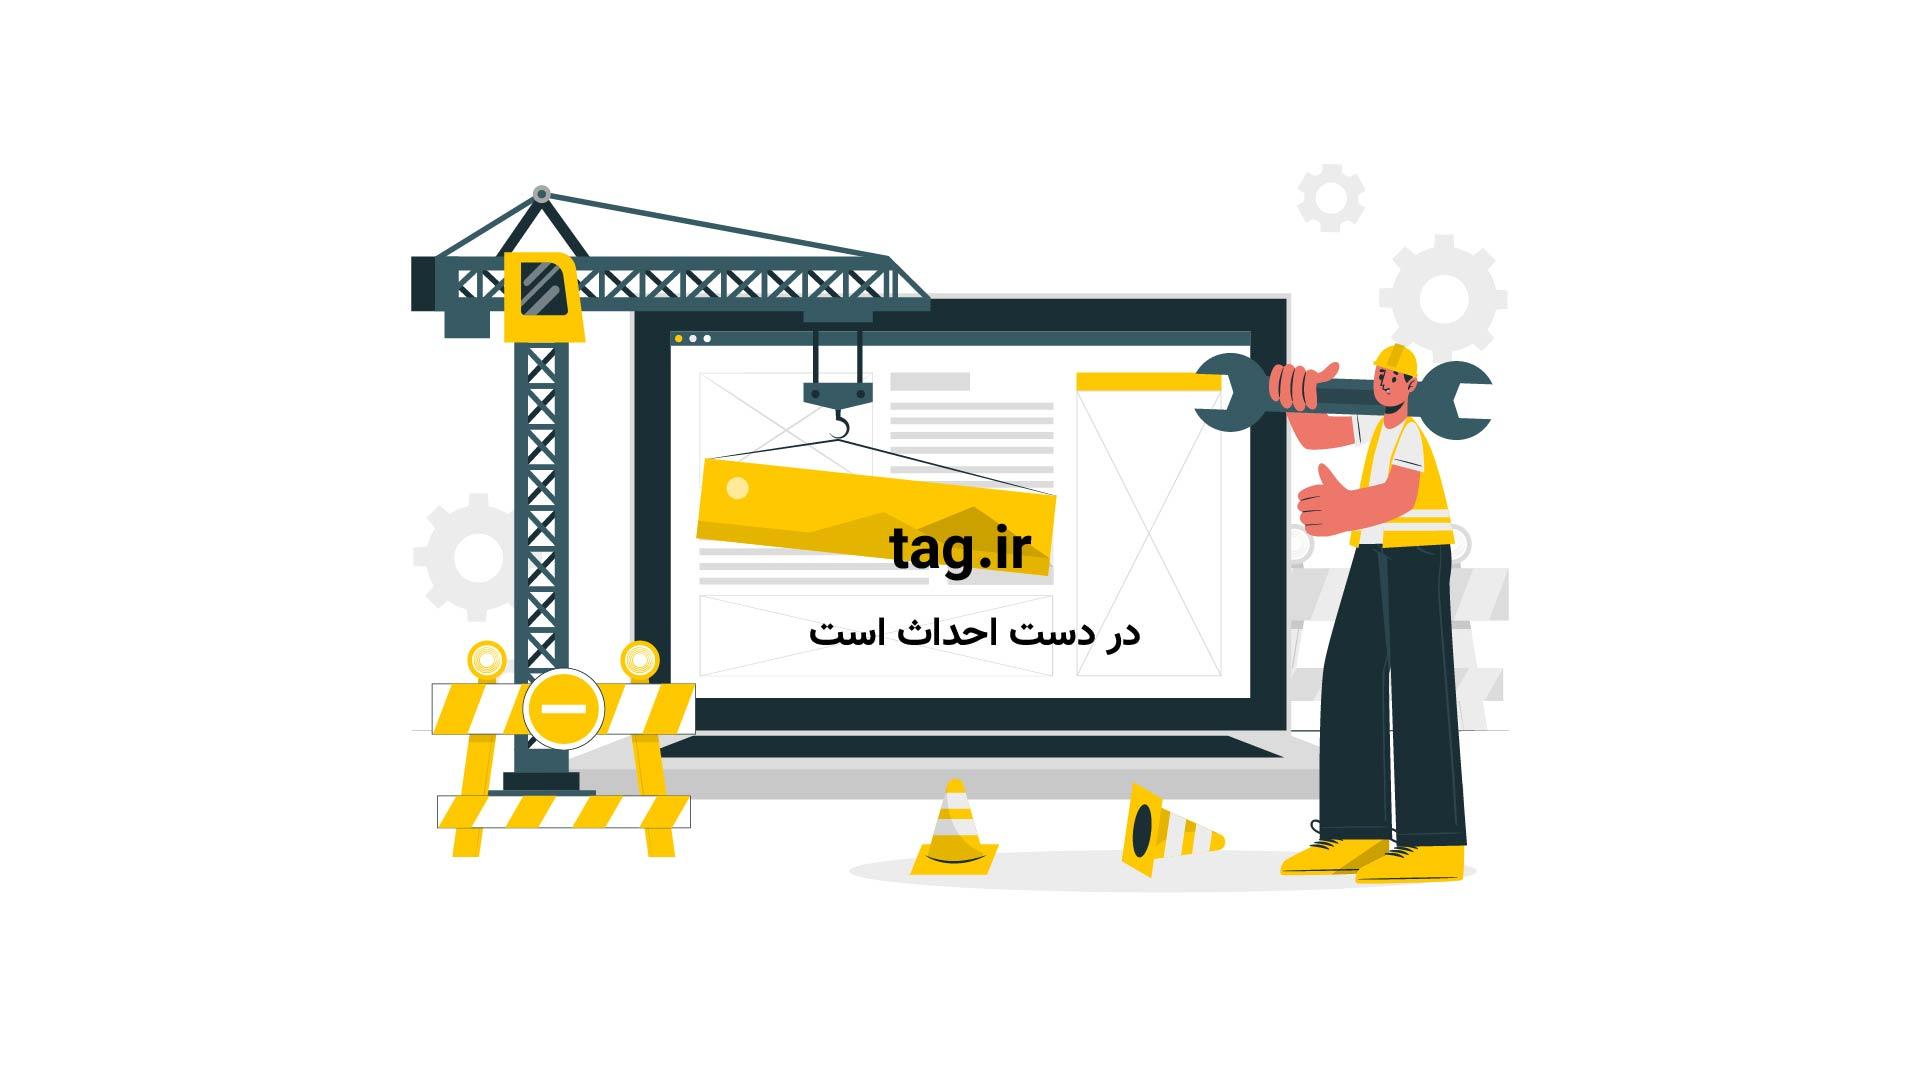 آشتی مرد ژاپنی | تگ